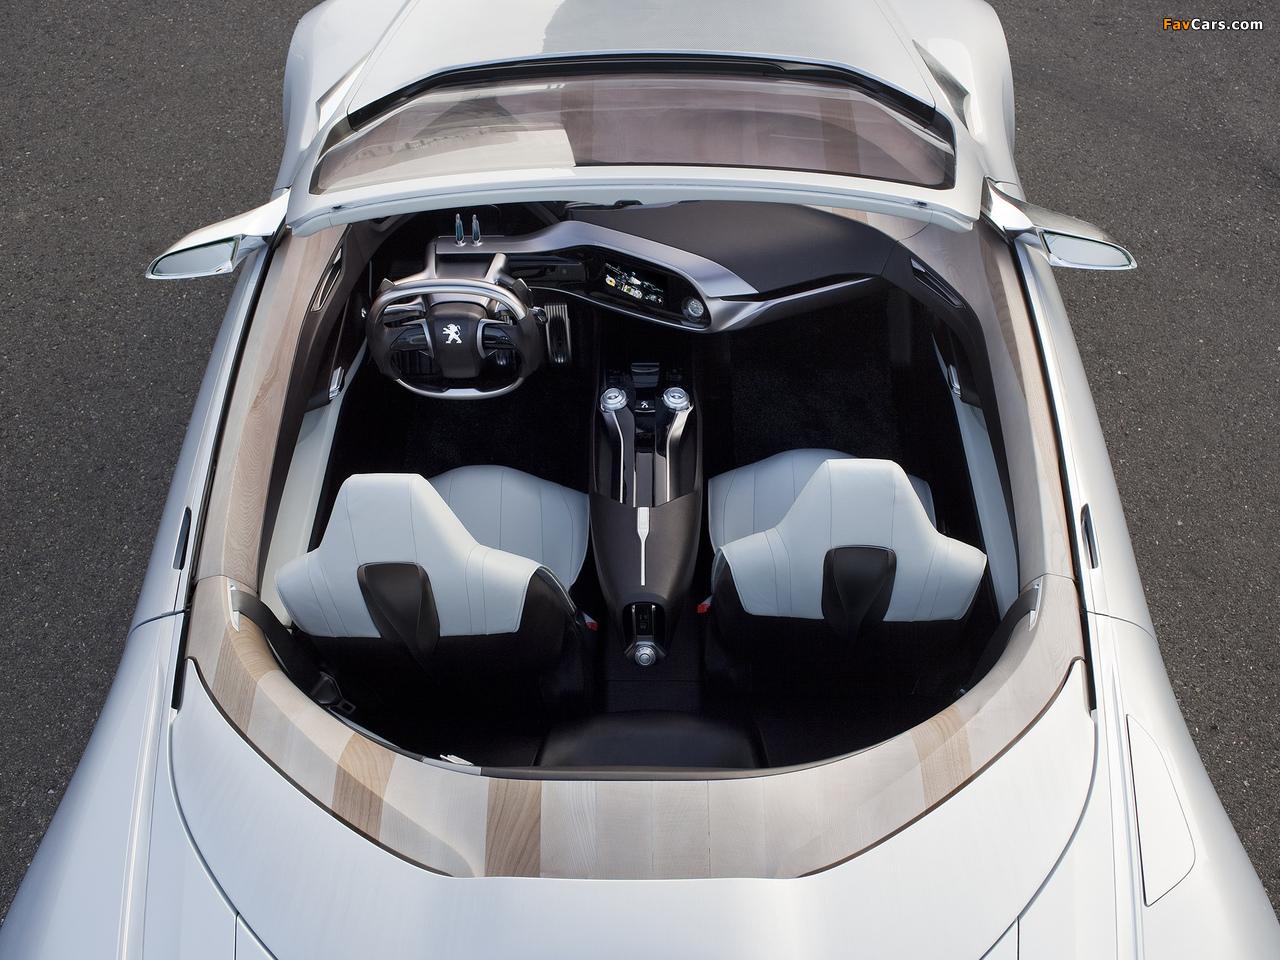 Peugeot SR1 Concept 2010 images (1280 x 960)